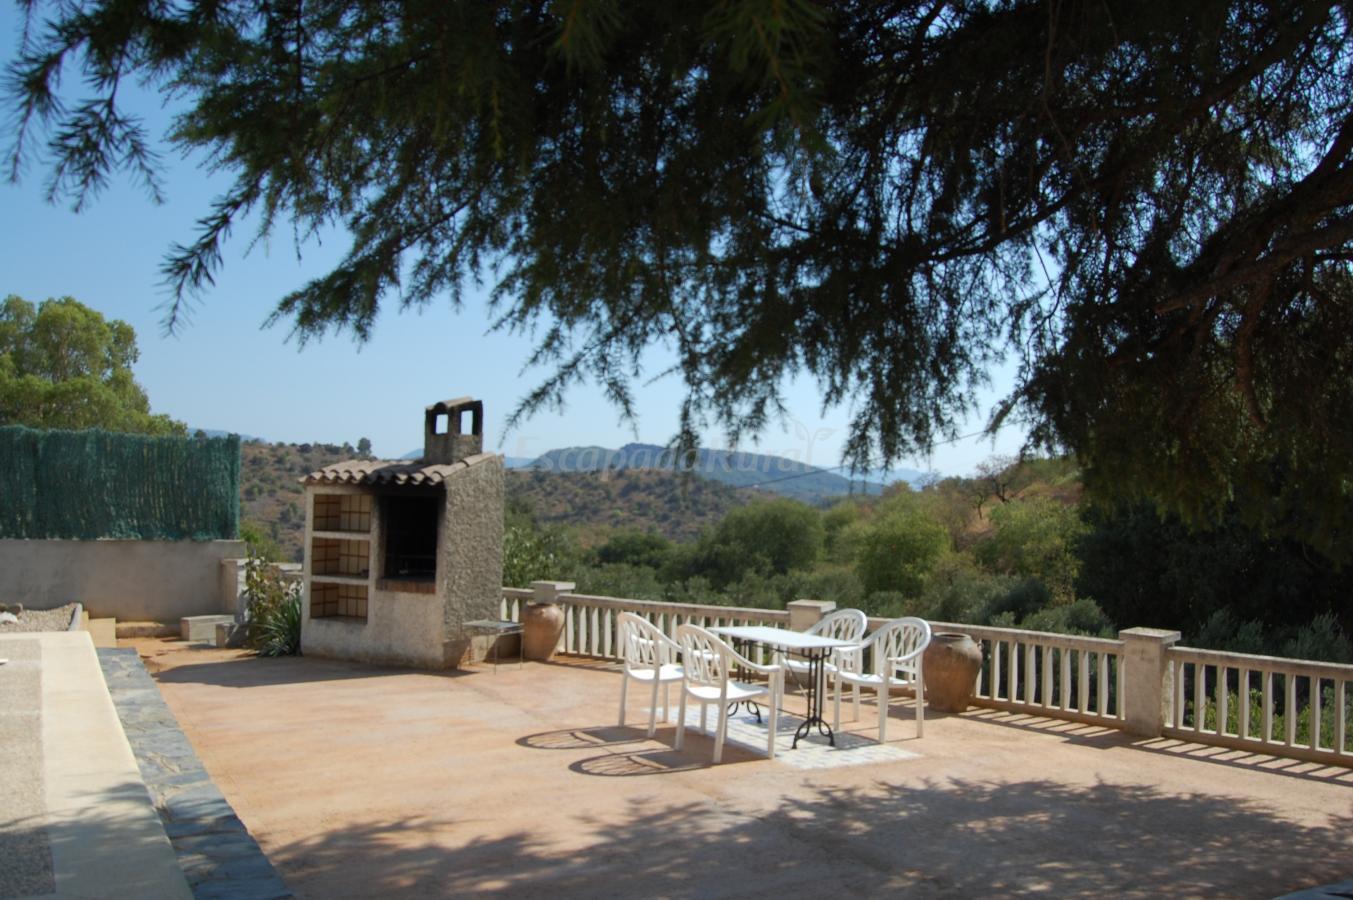 Fotos de cal llorencet casa rural en el lloar tarragona for Casa rural tarragona